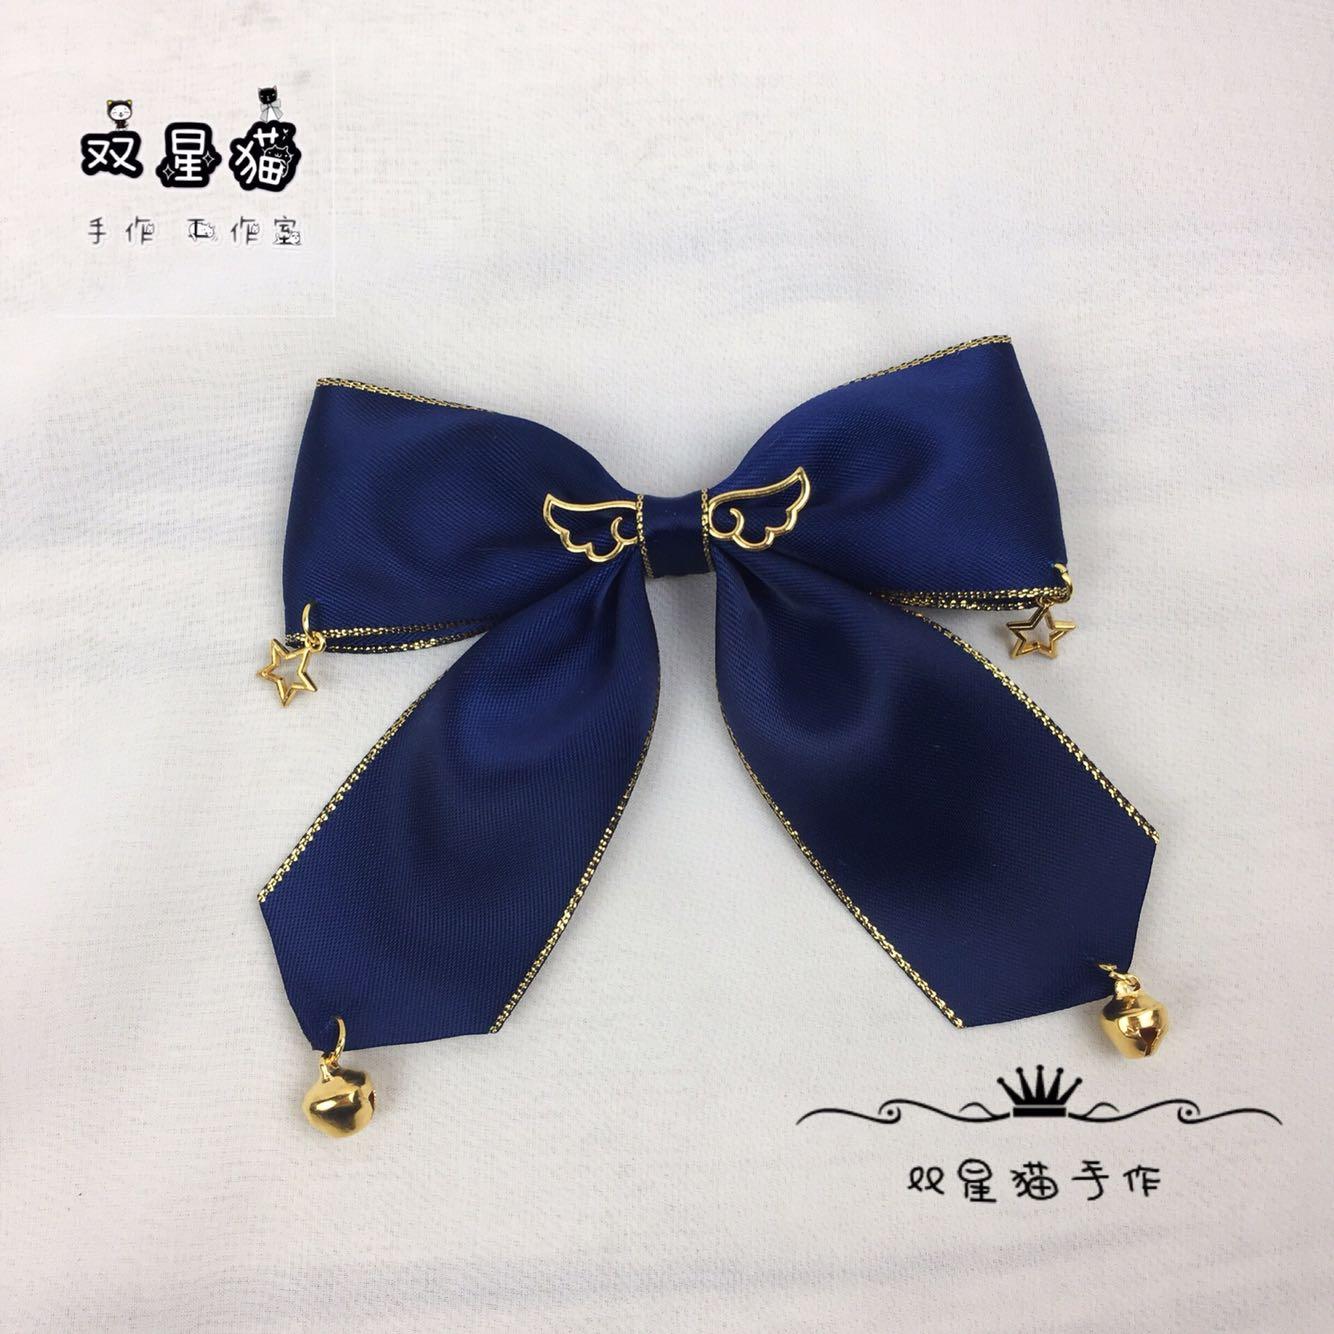 バッグはDIYの髪飾りをします。ロレッタの手作りのリボンは鈴と星の髪飾りを結んで、ネクタイは予約して色を変えられます。